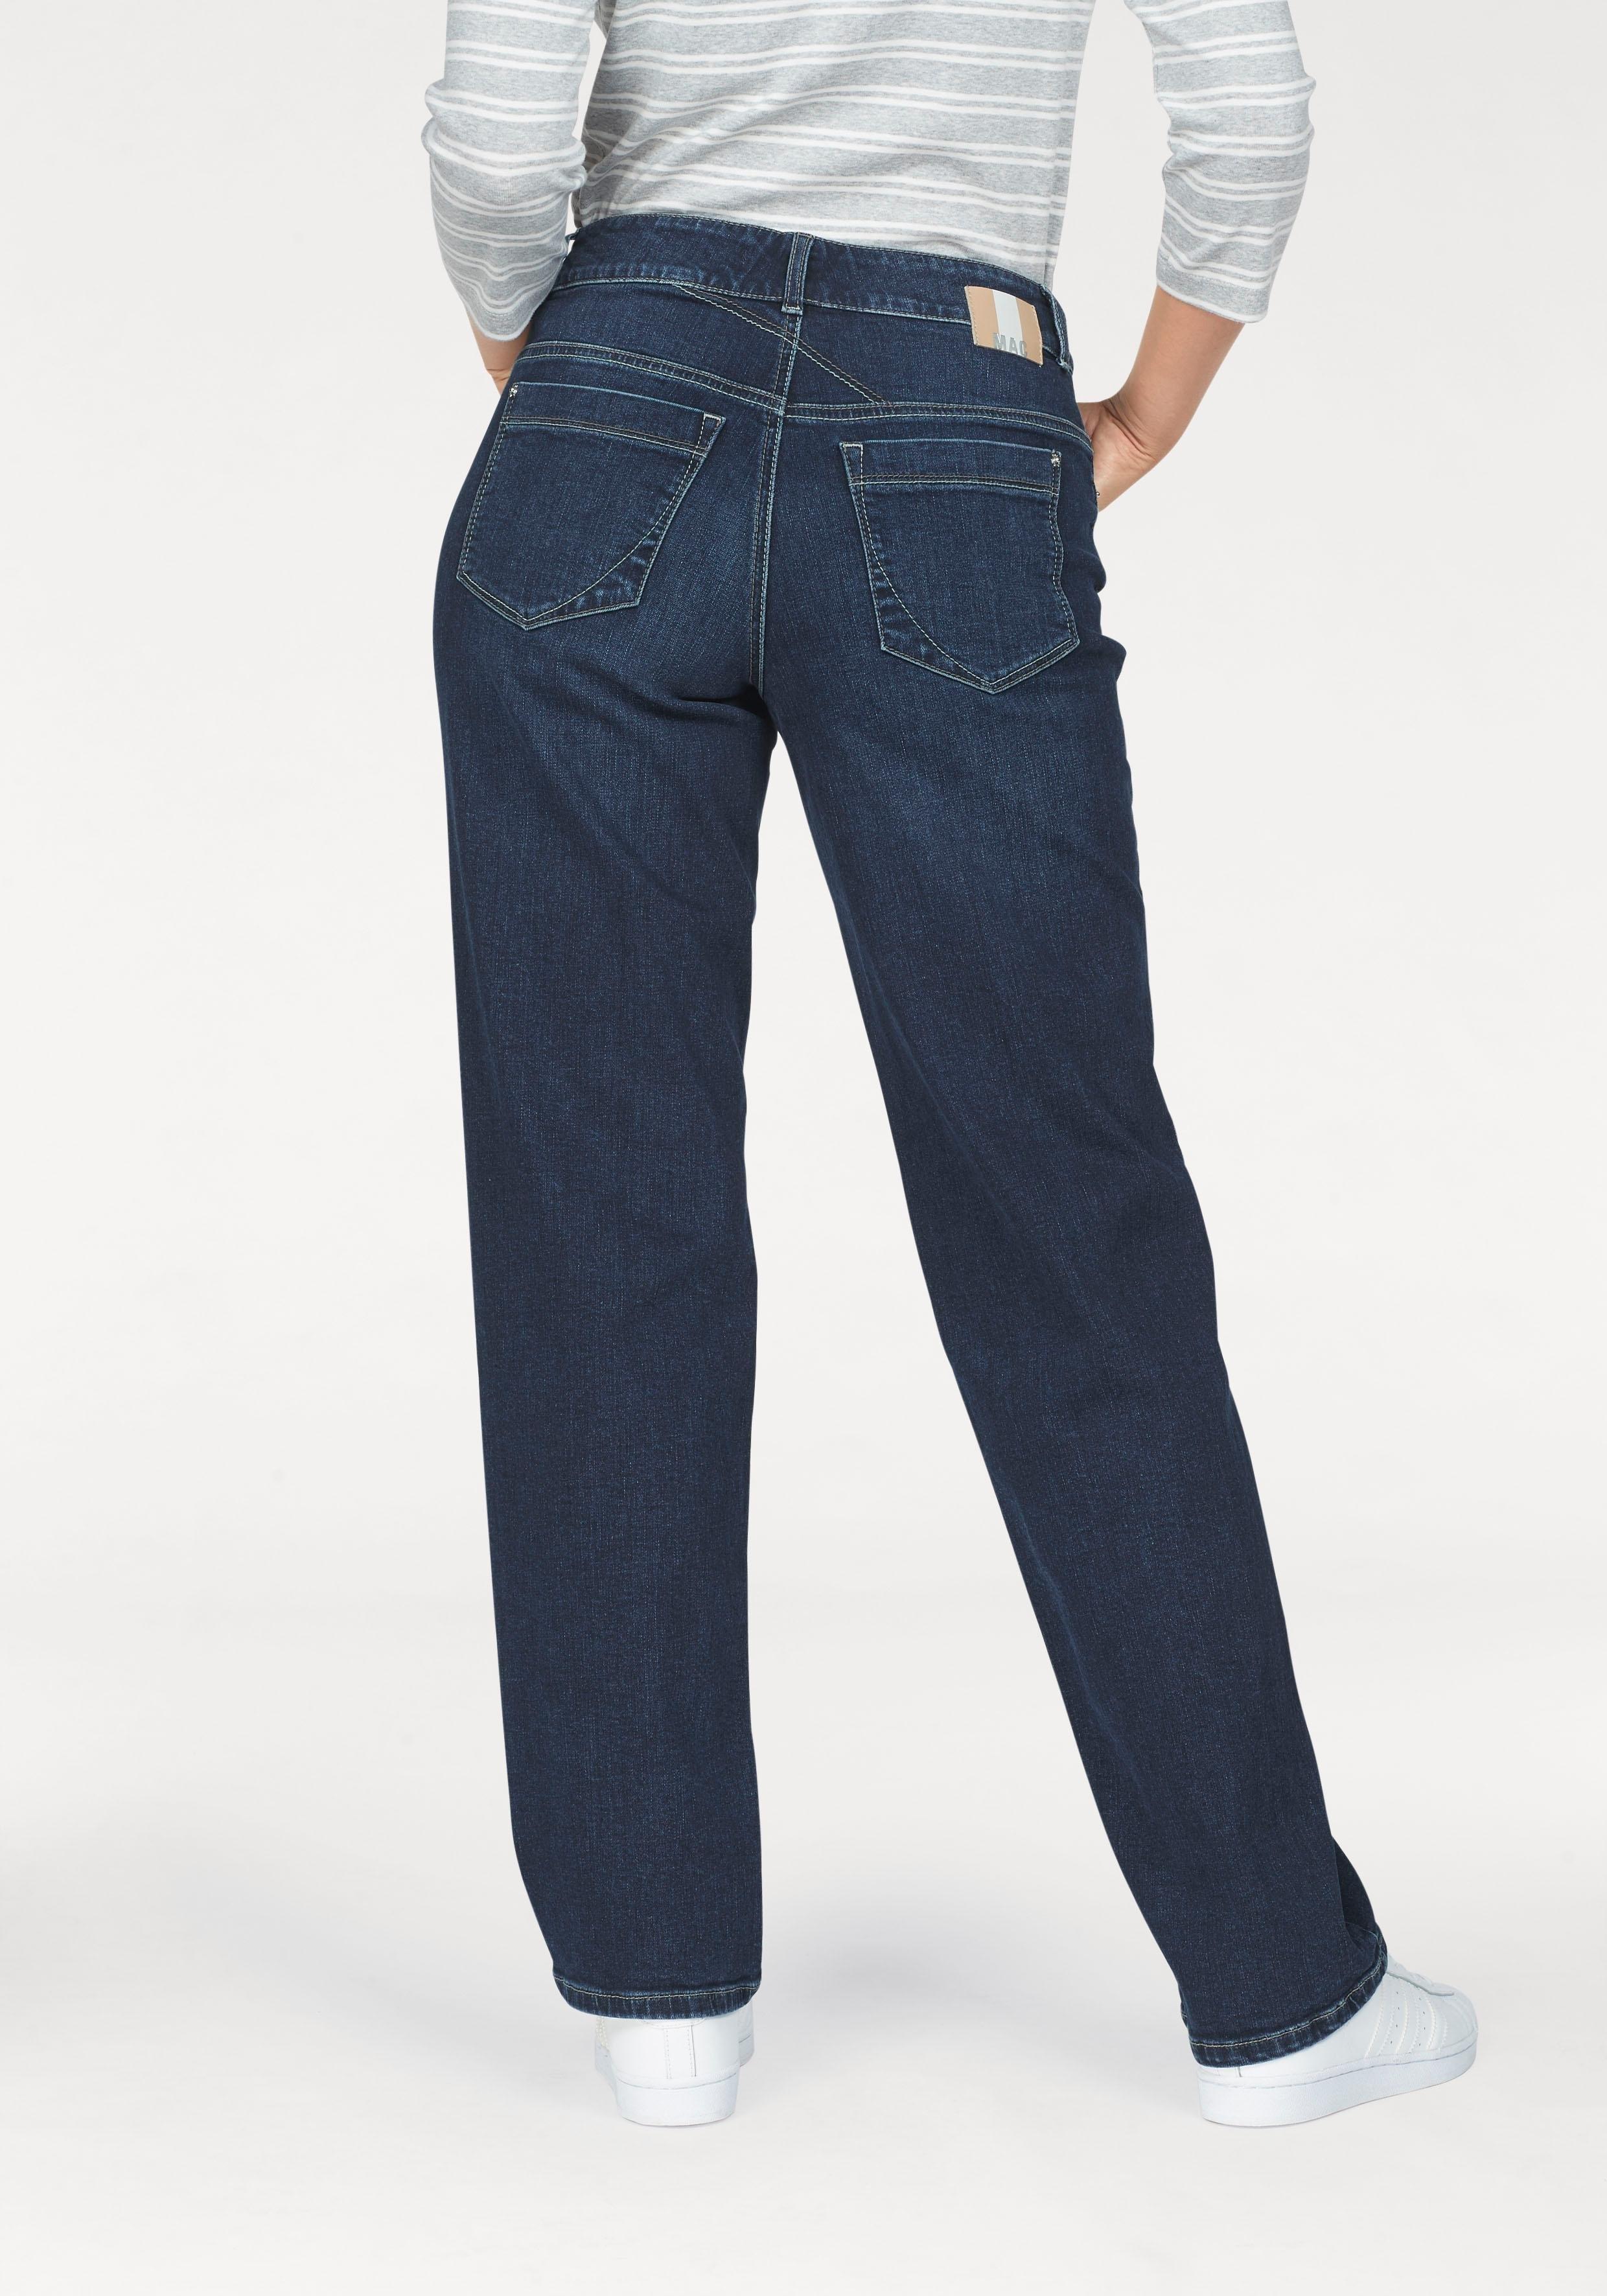 MAC prettige jeans Gracia Pasvorm Feminine Fit bestellen: 30 dagen bedenktijd